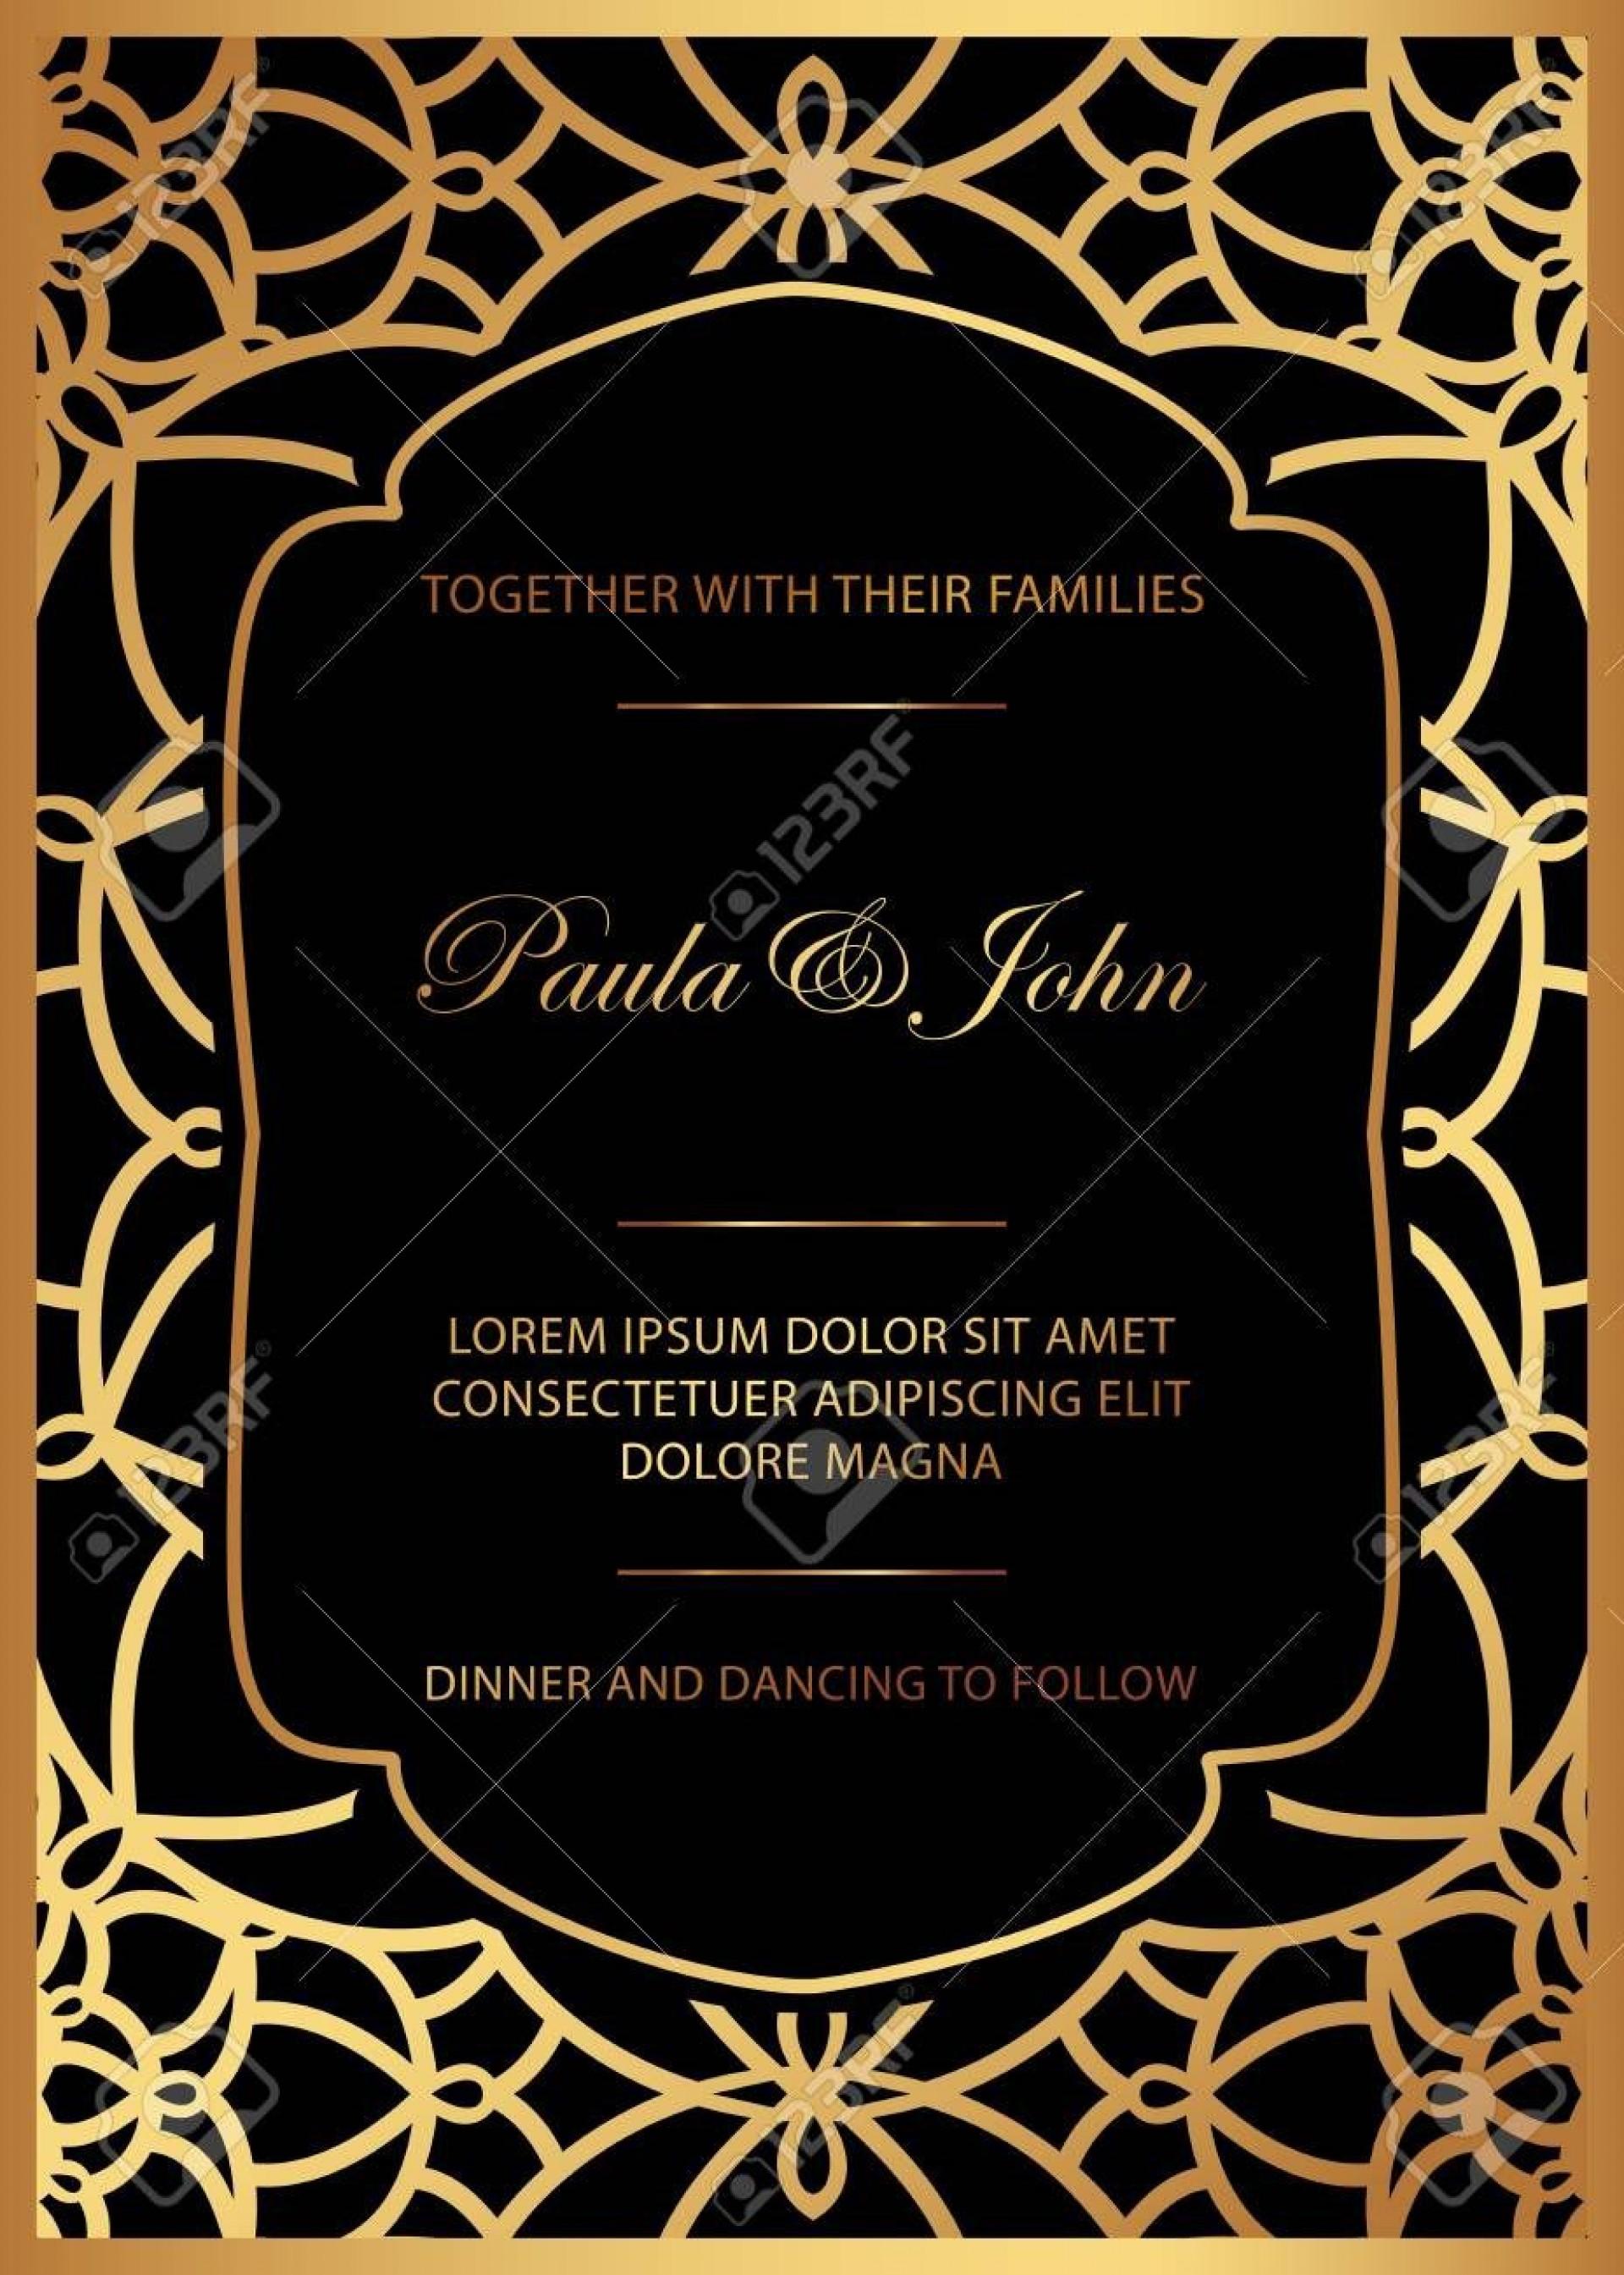 006 Breathtaking Black And Gold Invitation Template Idea  Design White Free Printable1920